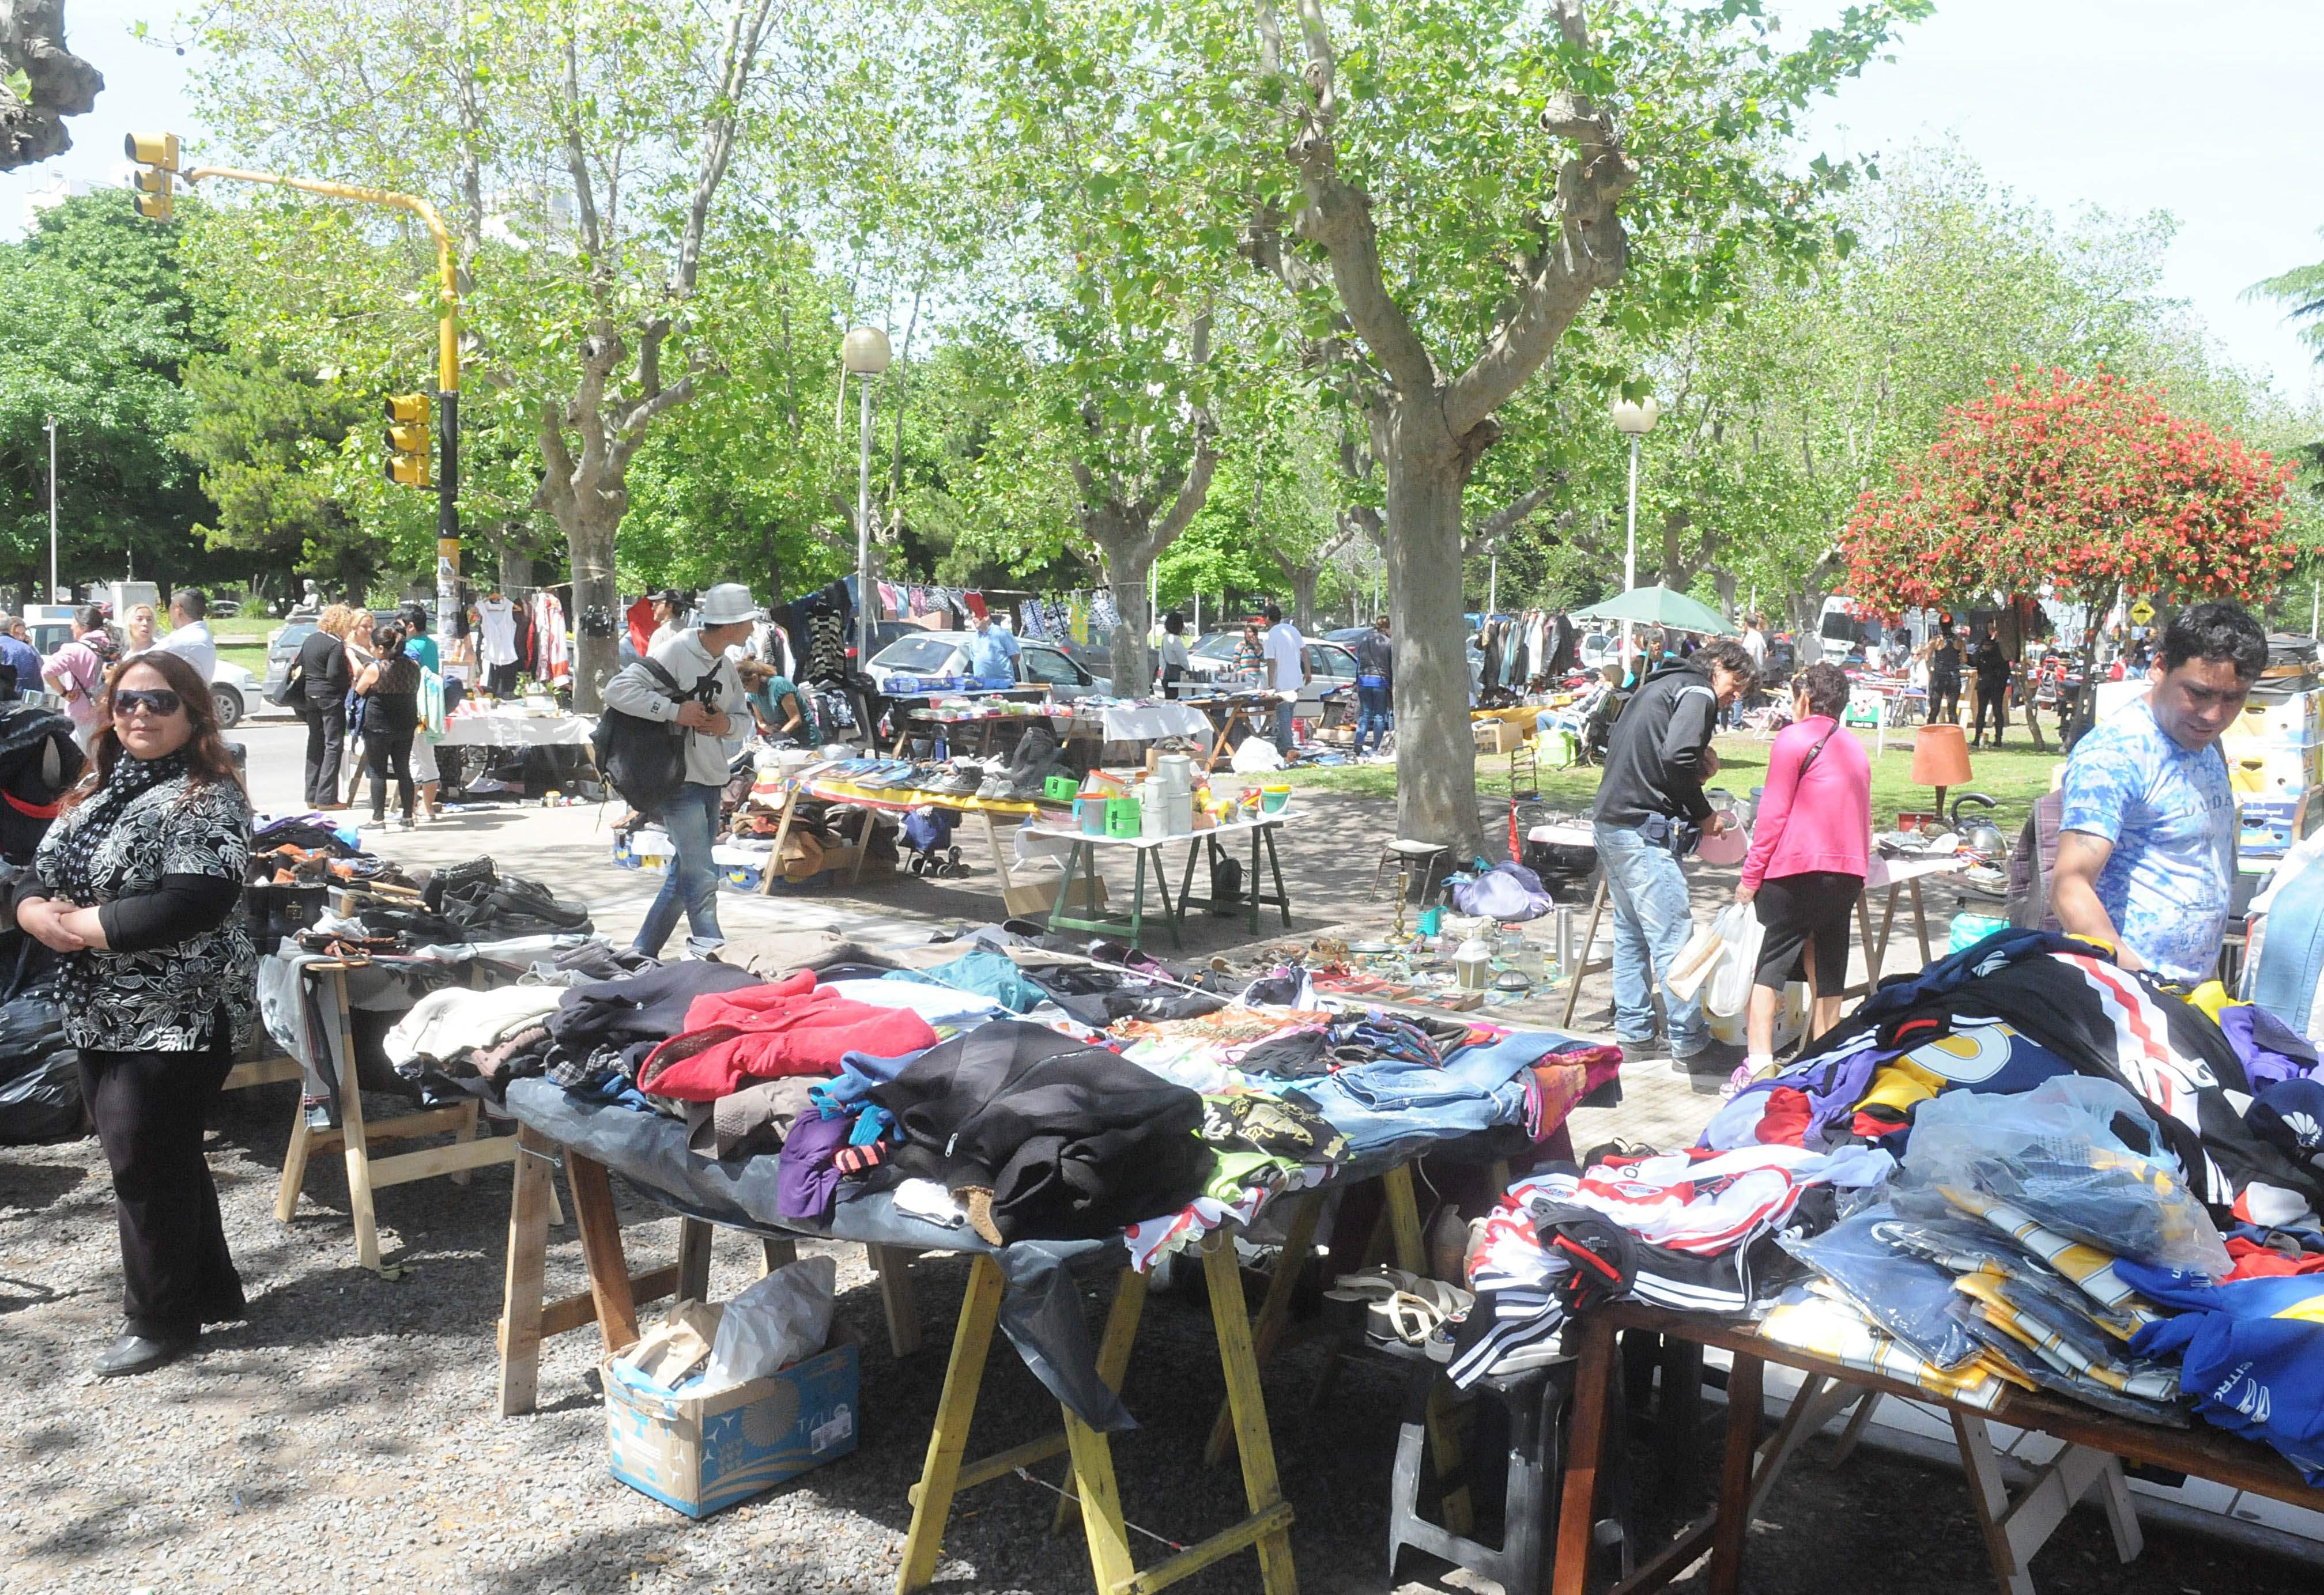 El estado que presenta la Plaza Rocha con la presencia de centenares de manteros a quienes se sumaron vendedores ambulantes de toda clase de productos, preocupa a los comerciantes de la zona.